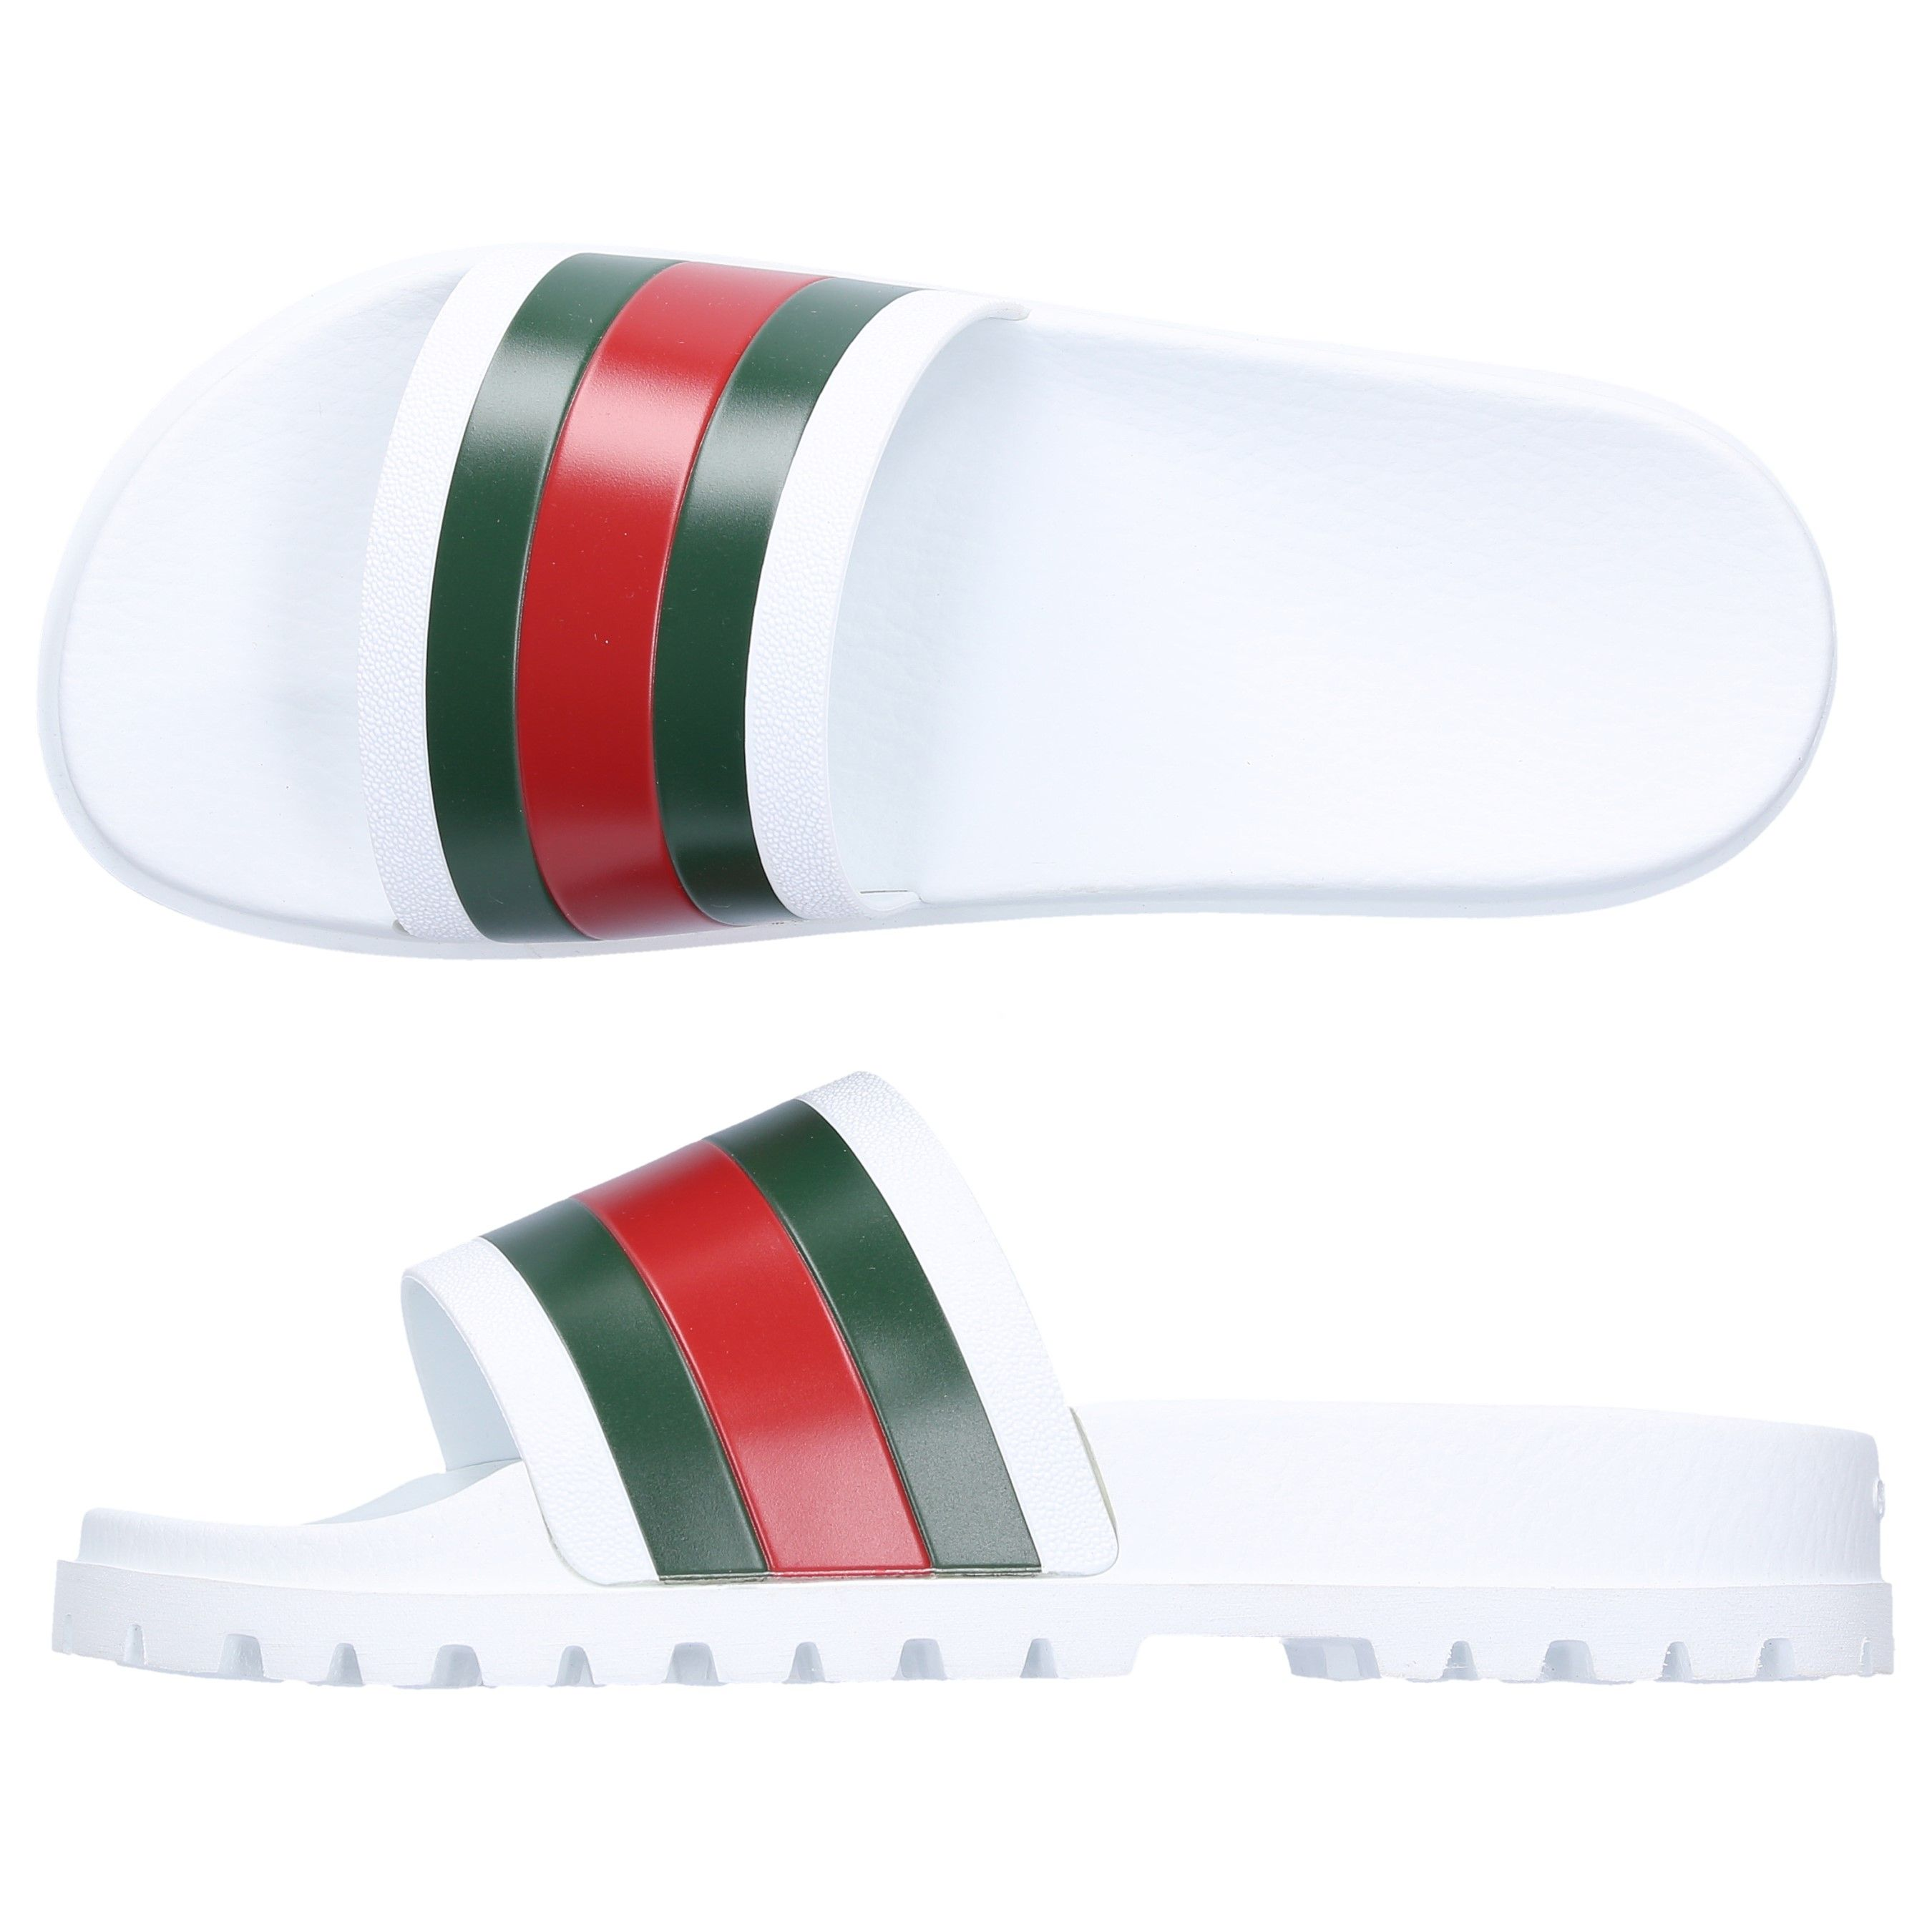 Slider sandals, Gucci slipper